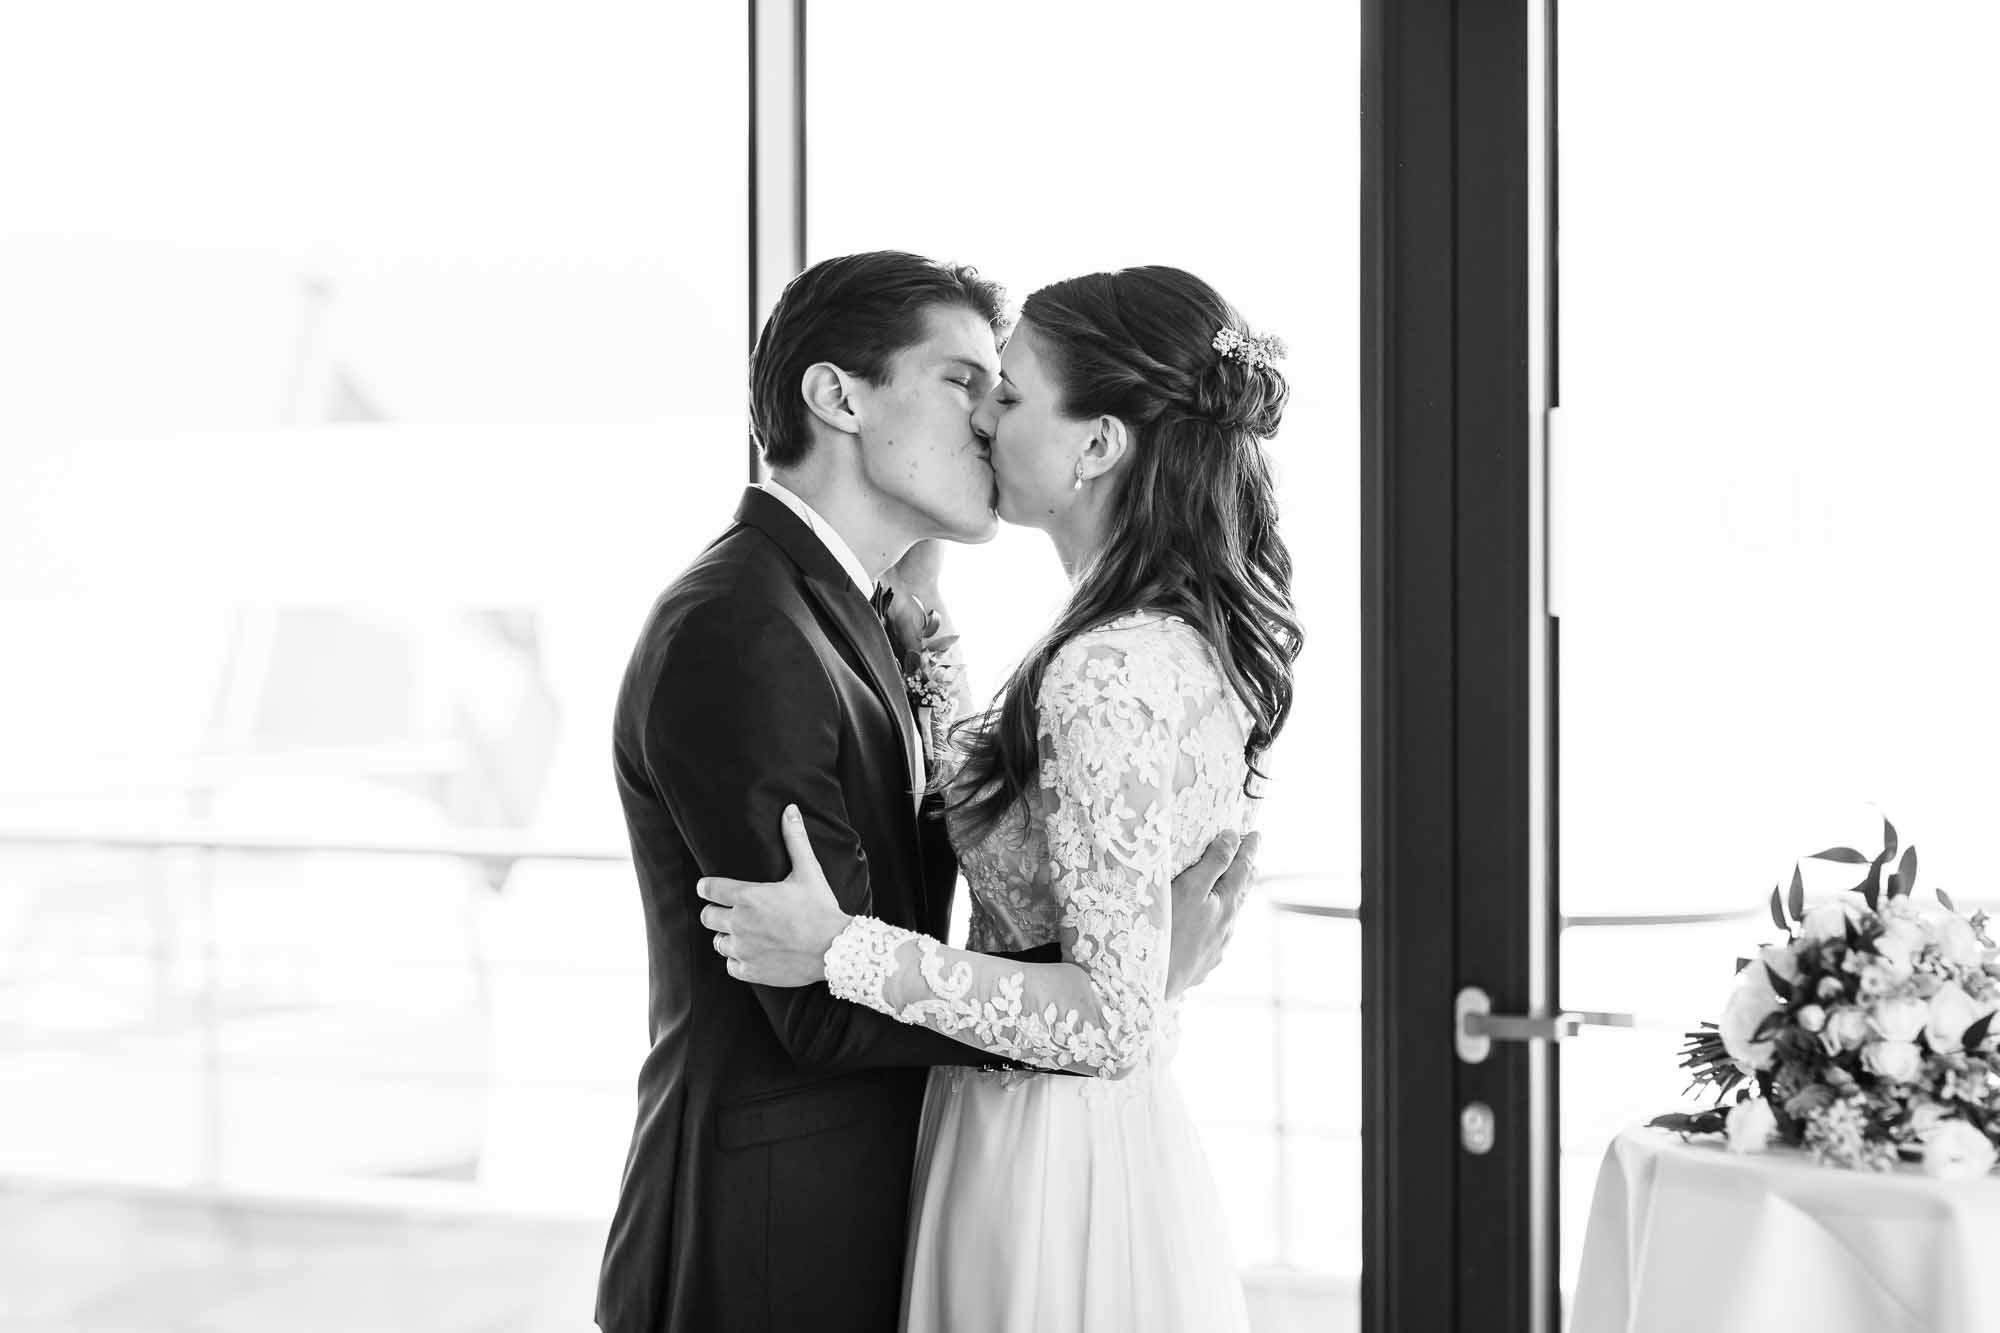 Brautpaar küsst sich nach Ja-Wort auf dem Schiff